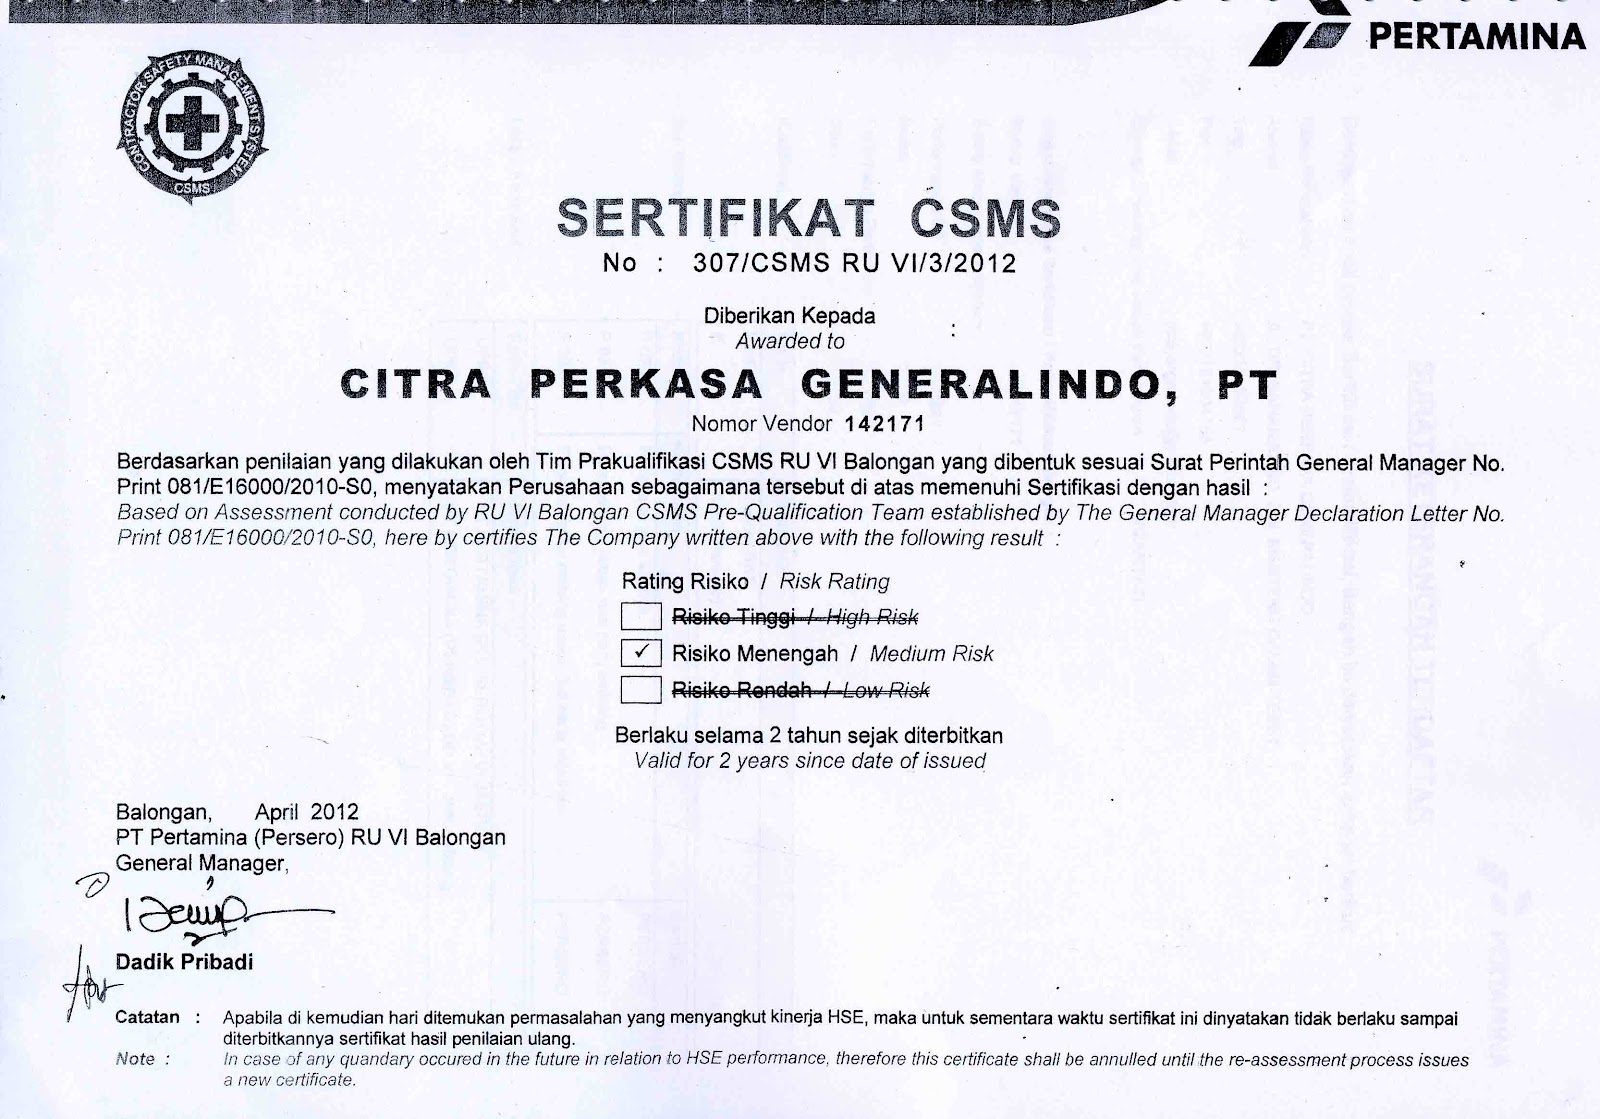 Vuln Pertamina Official Site: Official Website PT.Citra Perkasa Generalindo ::..: Partner